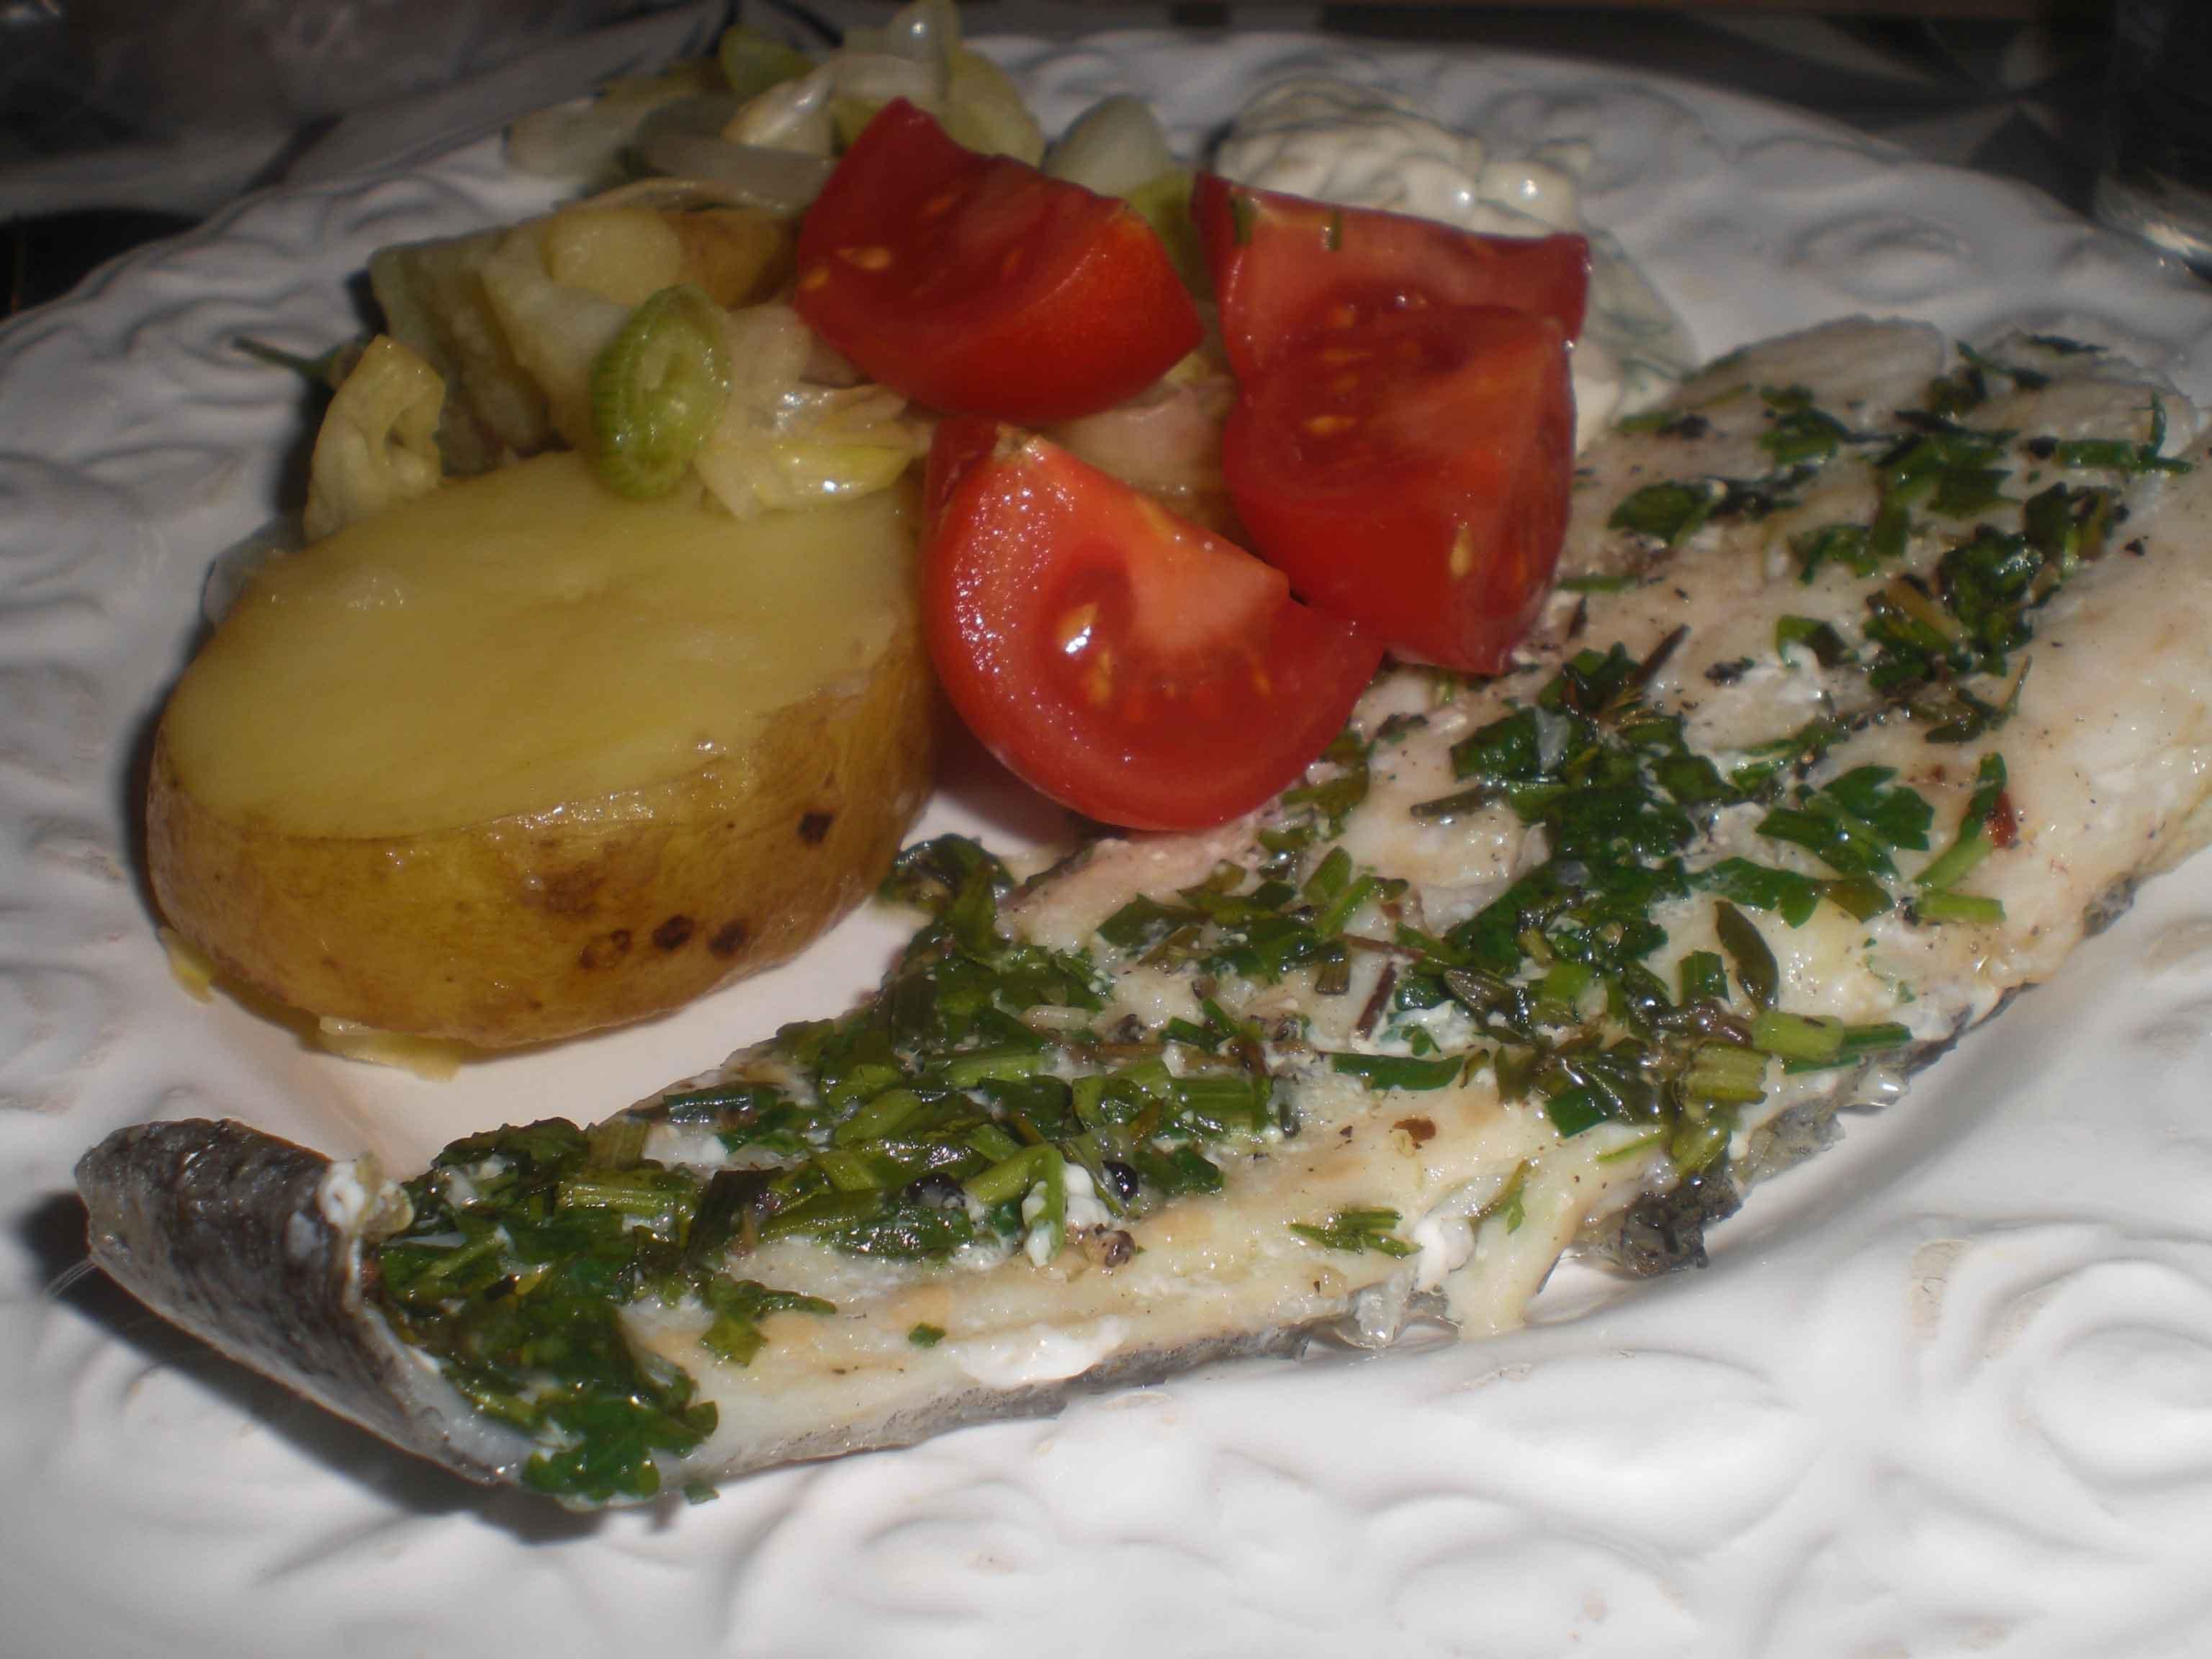 Grillet kulmule med kartoffelsalat og grydehvedebrød med crostini